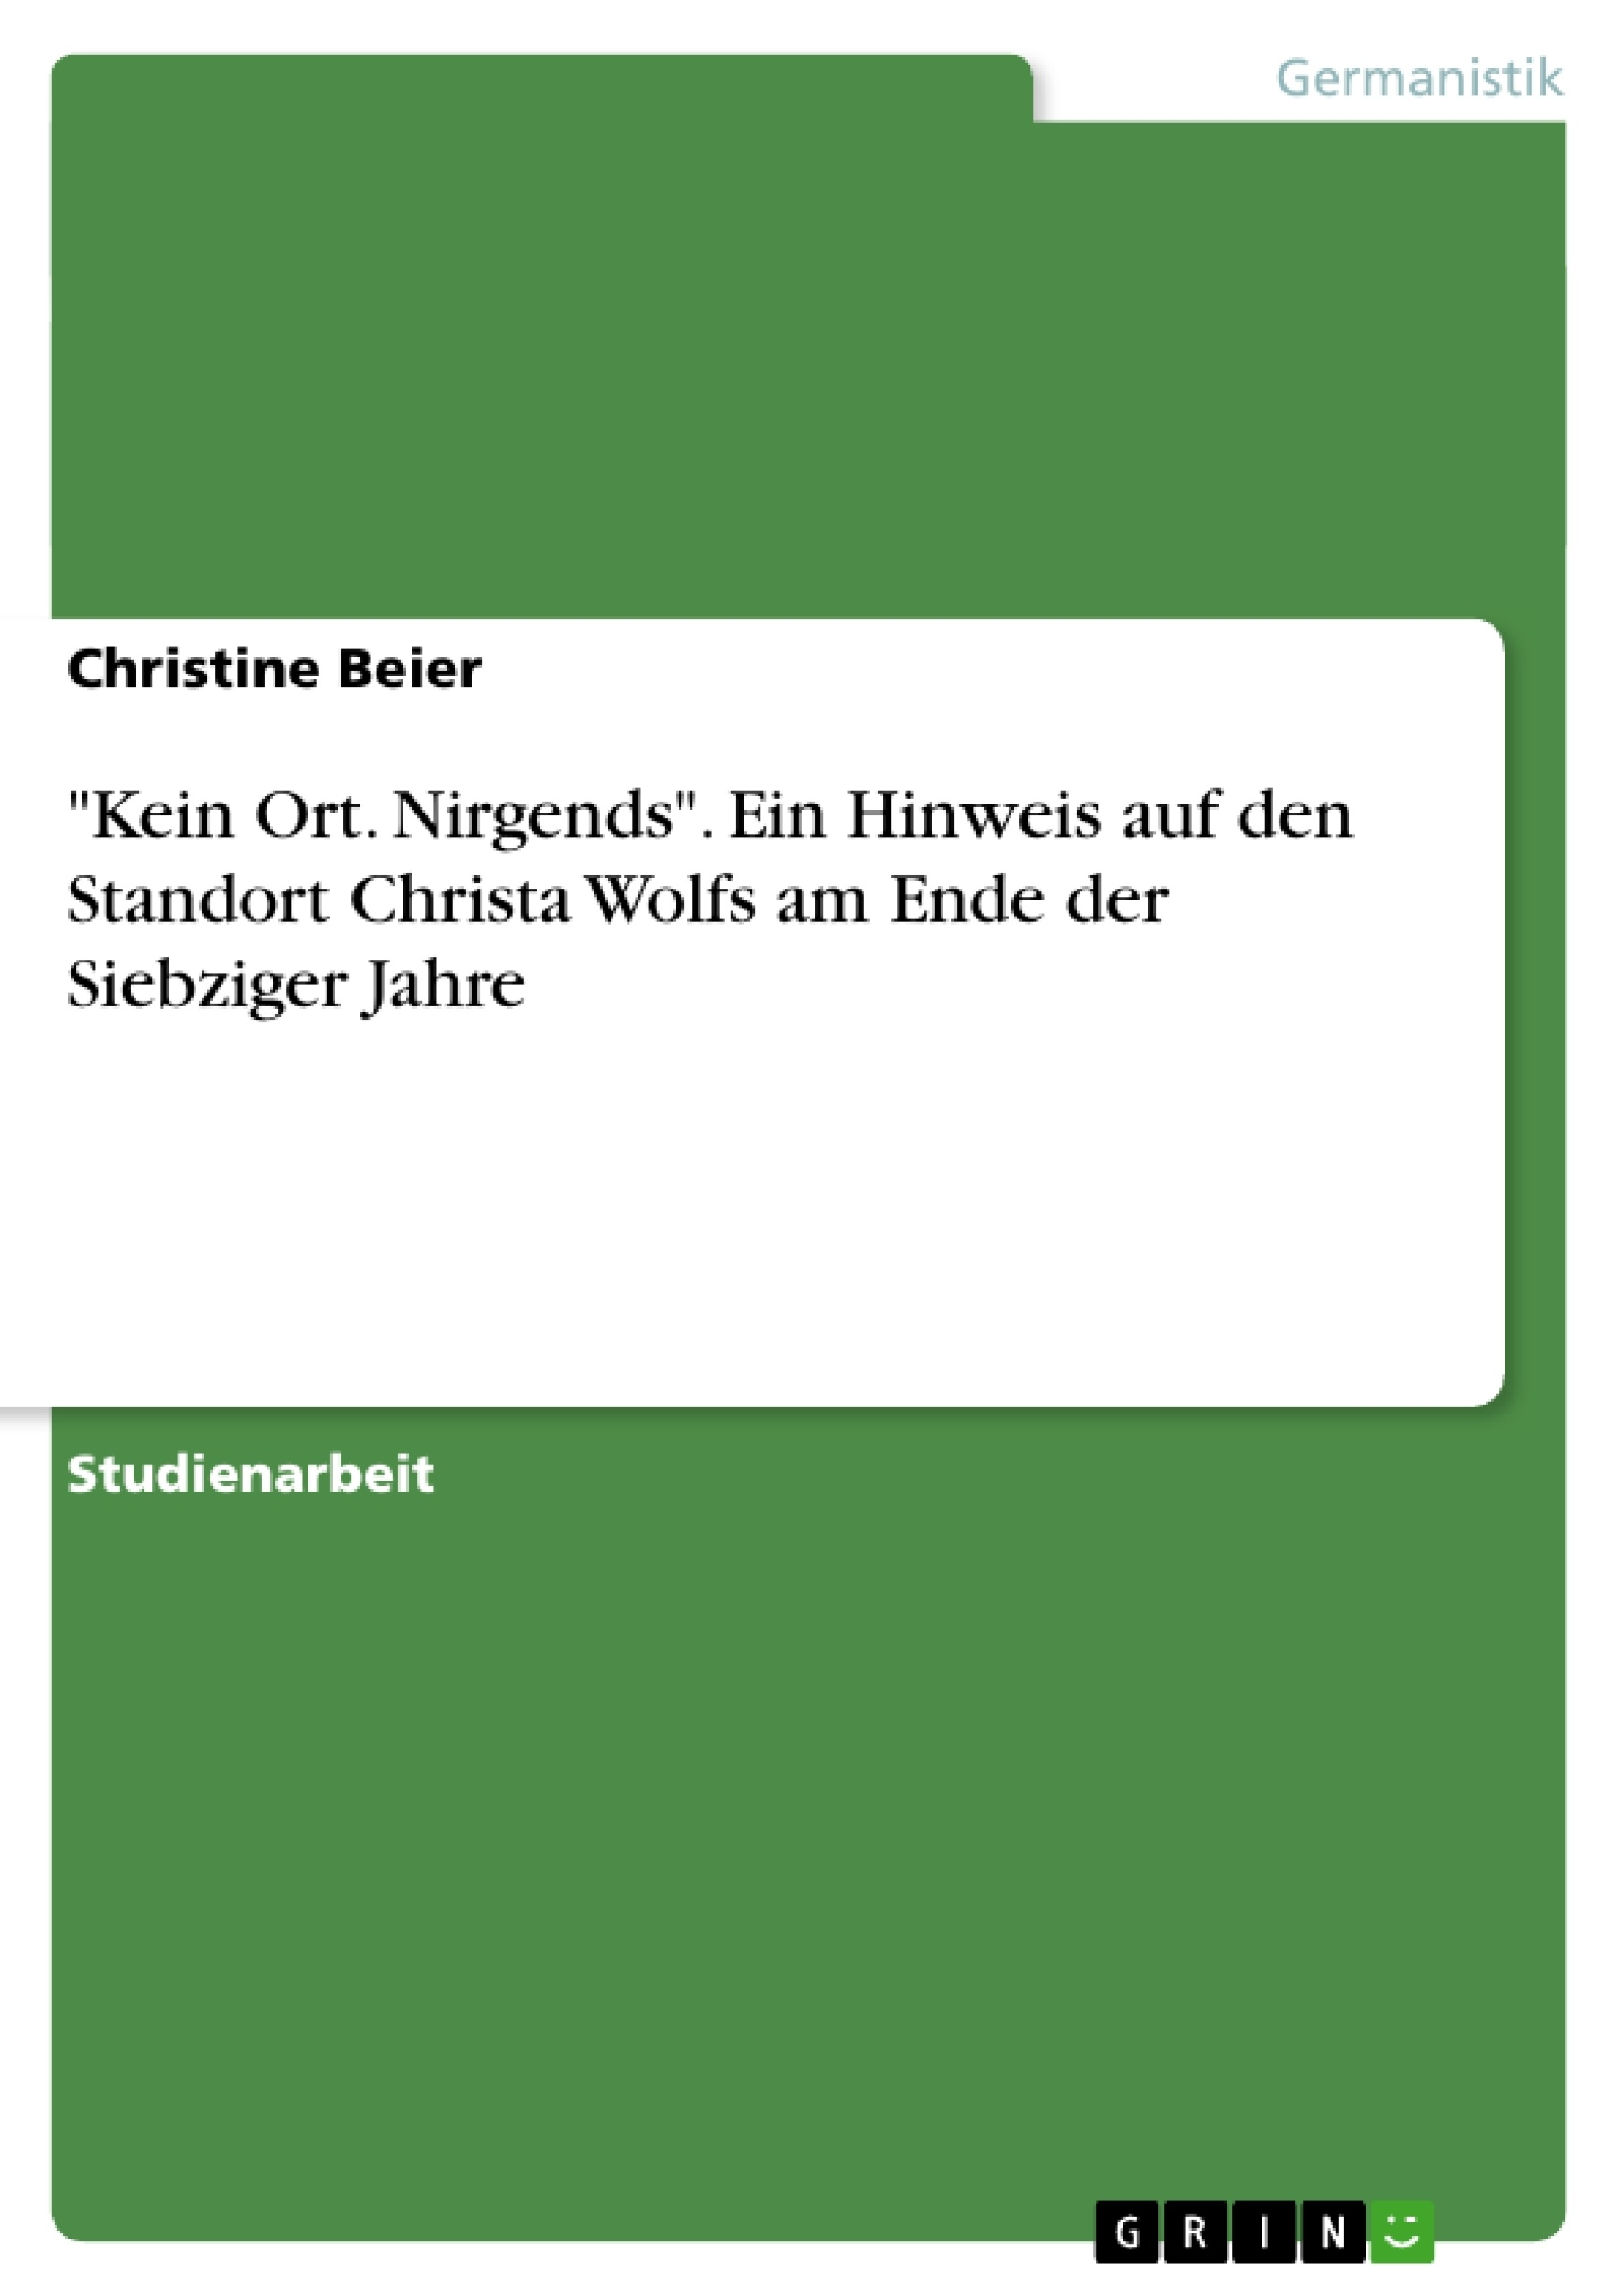 """Titel: """"Kein Ort. Nirgends"""". Ein Hinweis auf den Standort Christa Wolfs am Ende der Siebziger Jahre"""